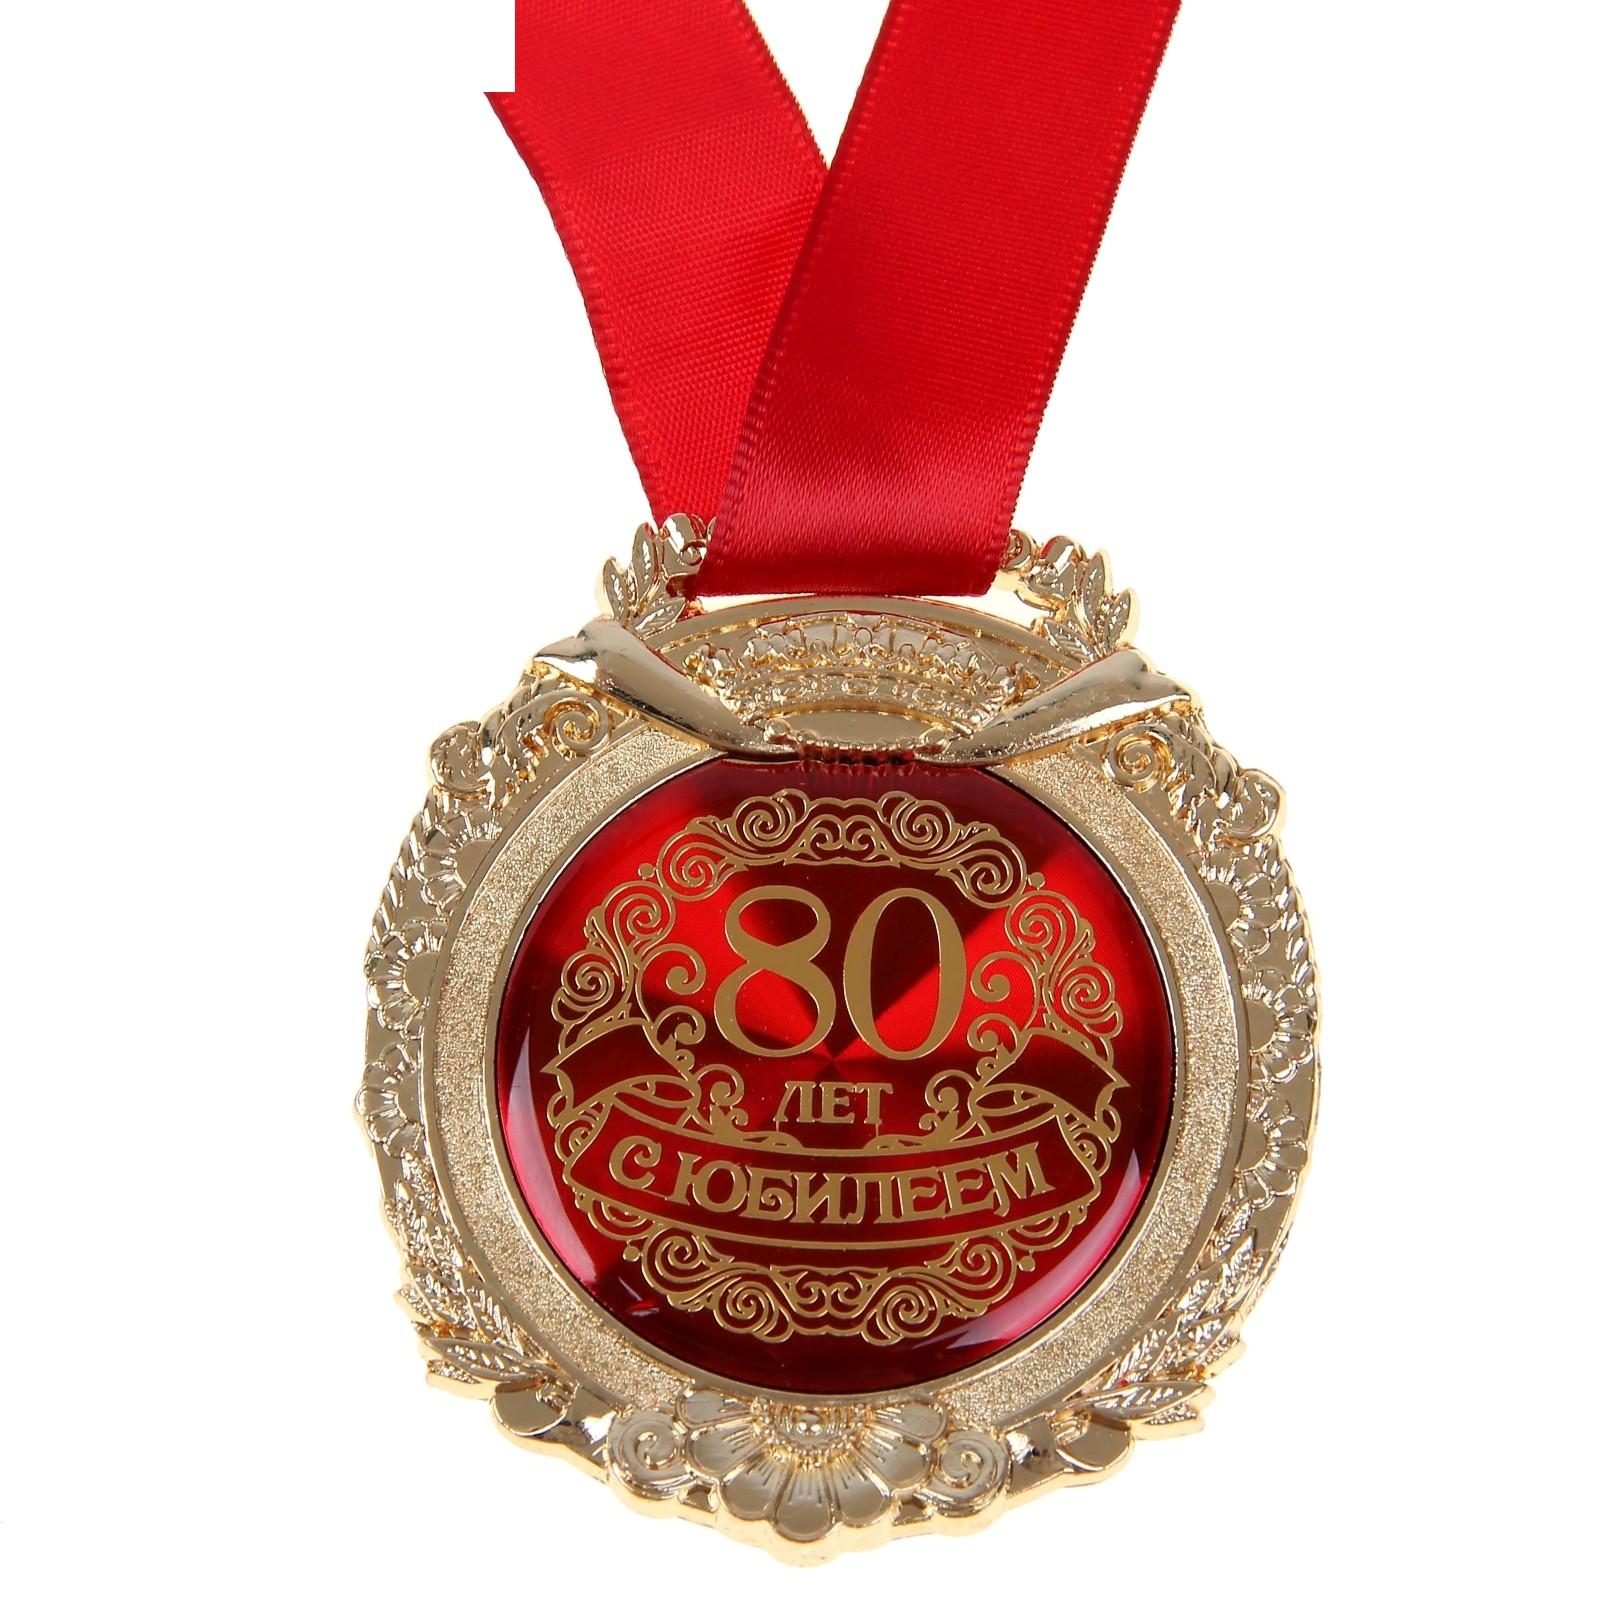 Поздравления 80 лет юбилея